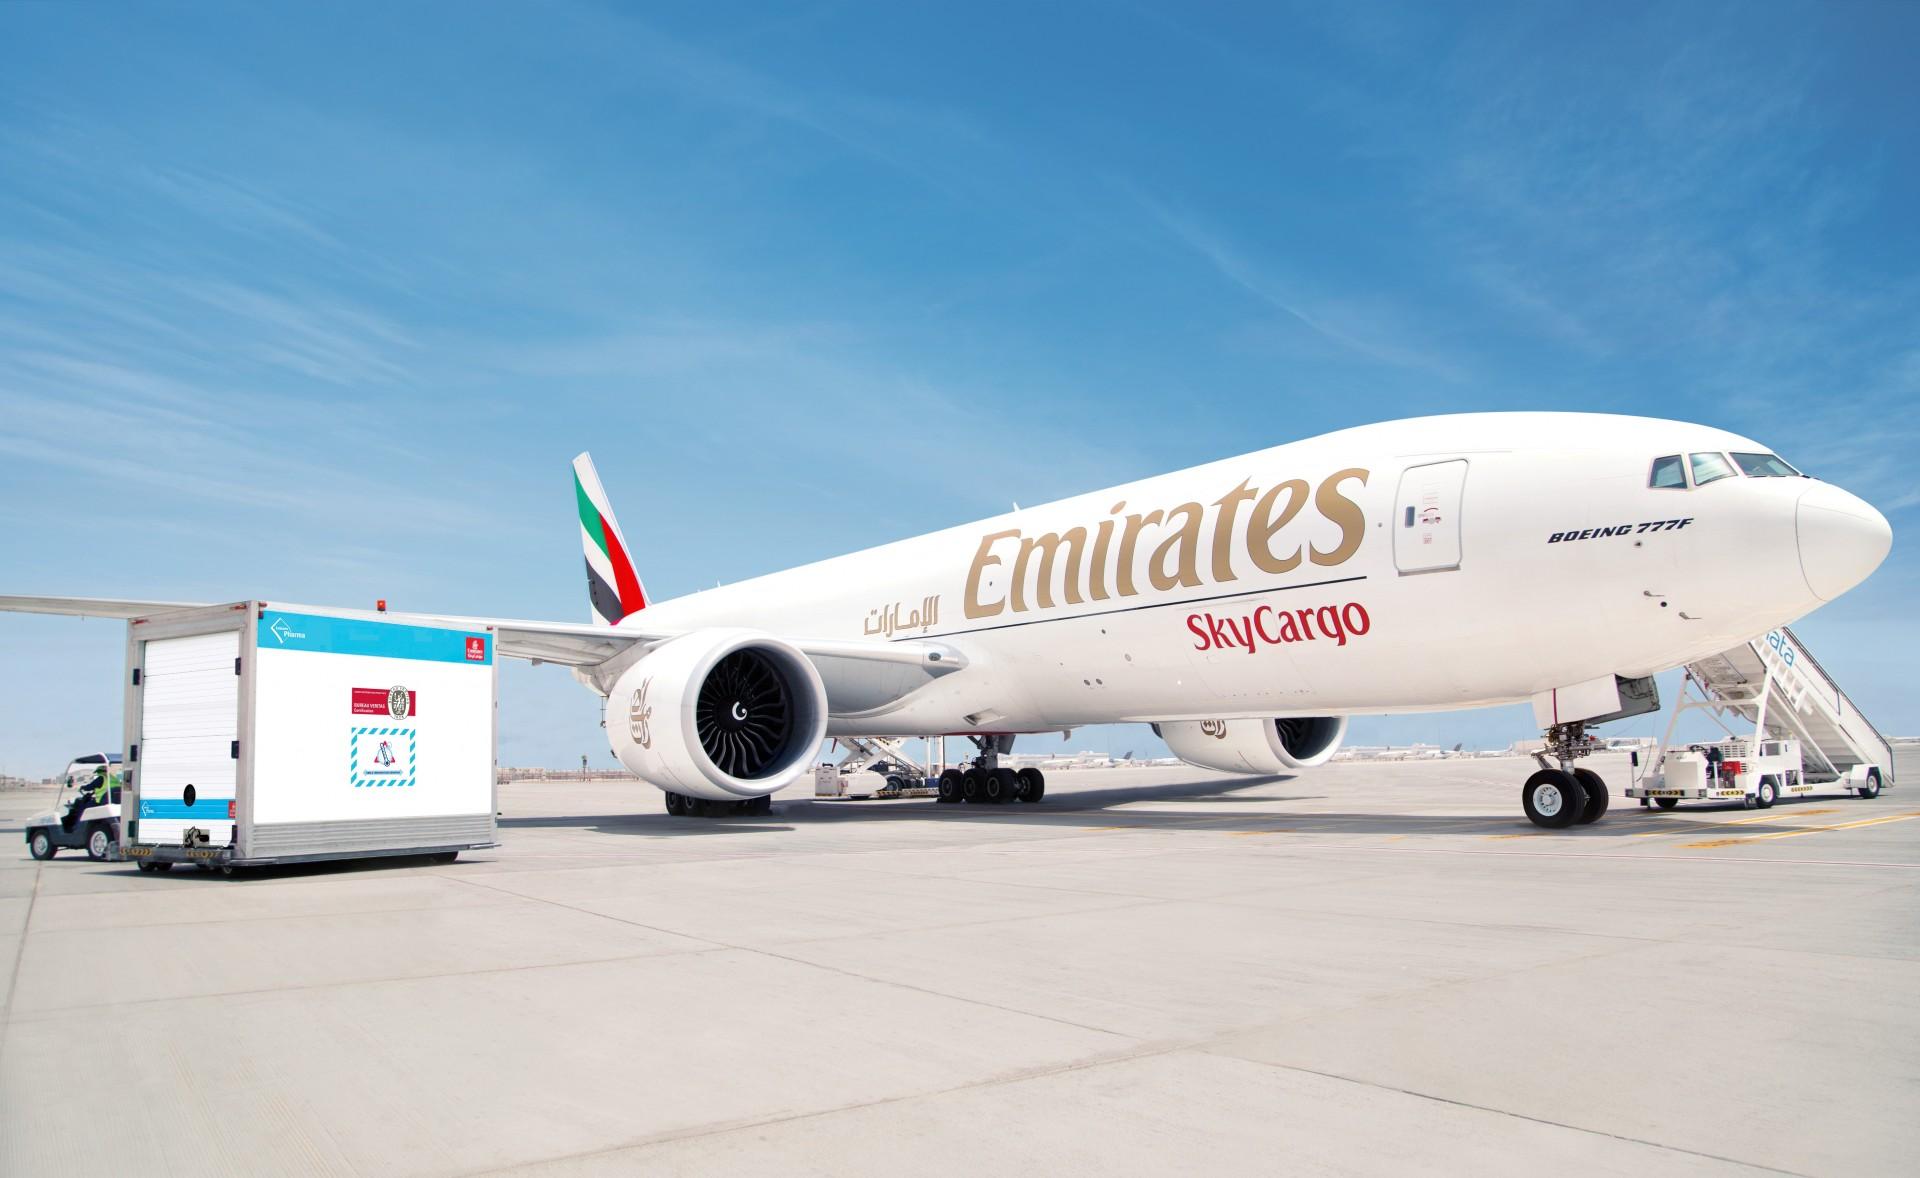 Avión de Emirates SkyCargo